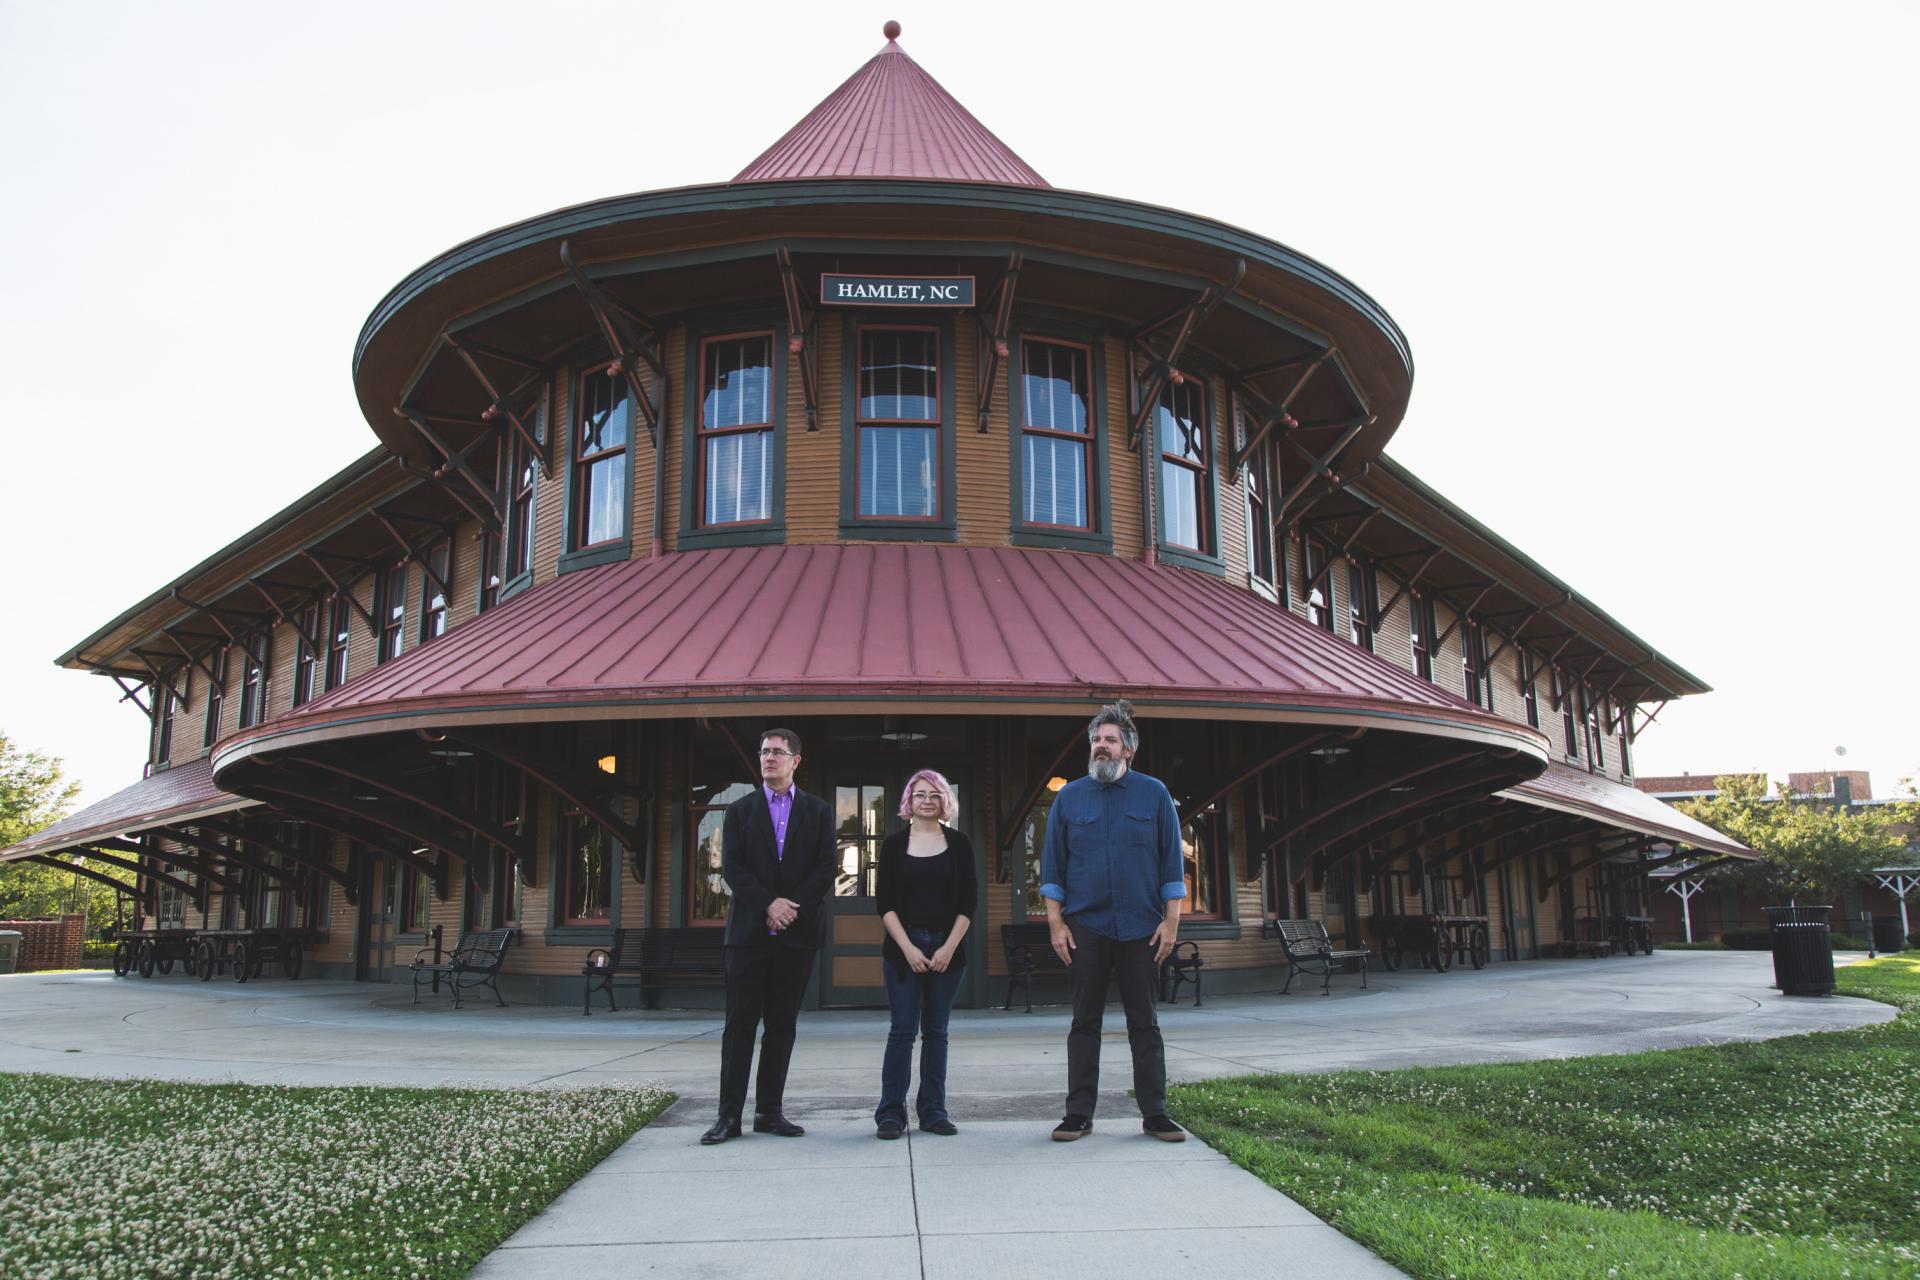 John Darnielle, Jamie Staton, Matt Douglas stand outside the Hamlet Depot & Museum